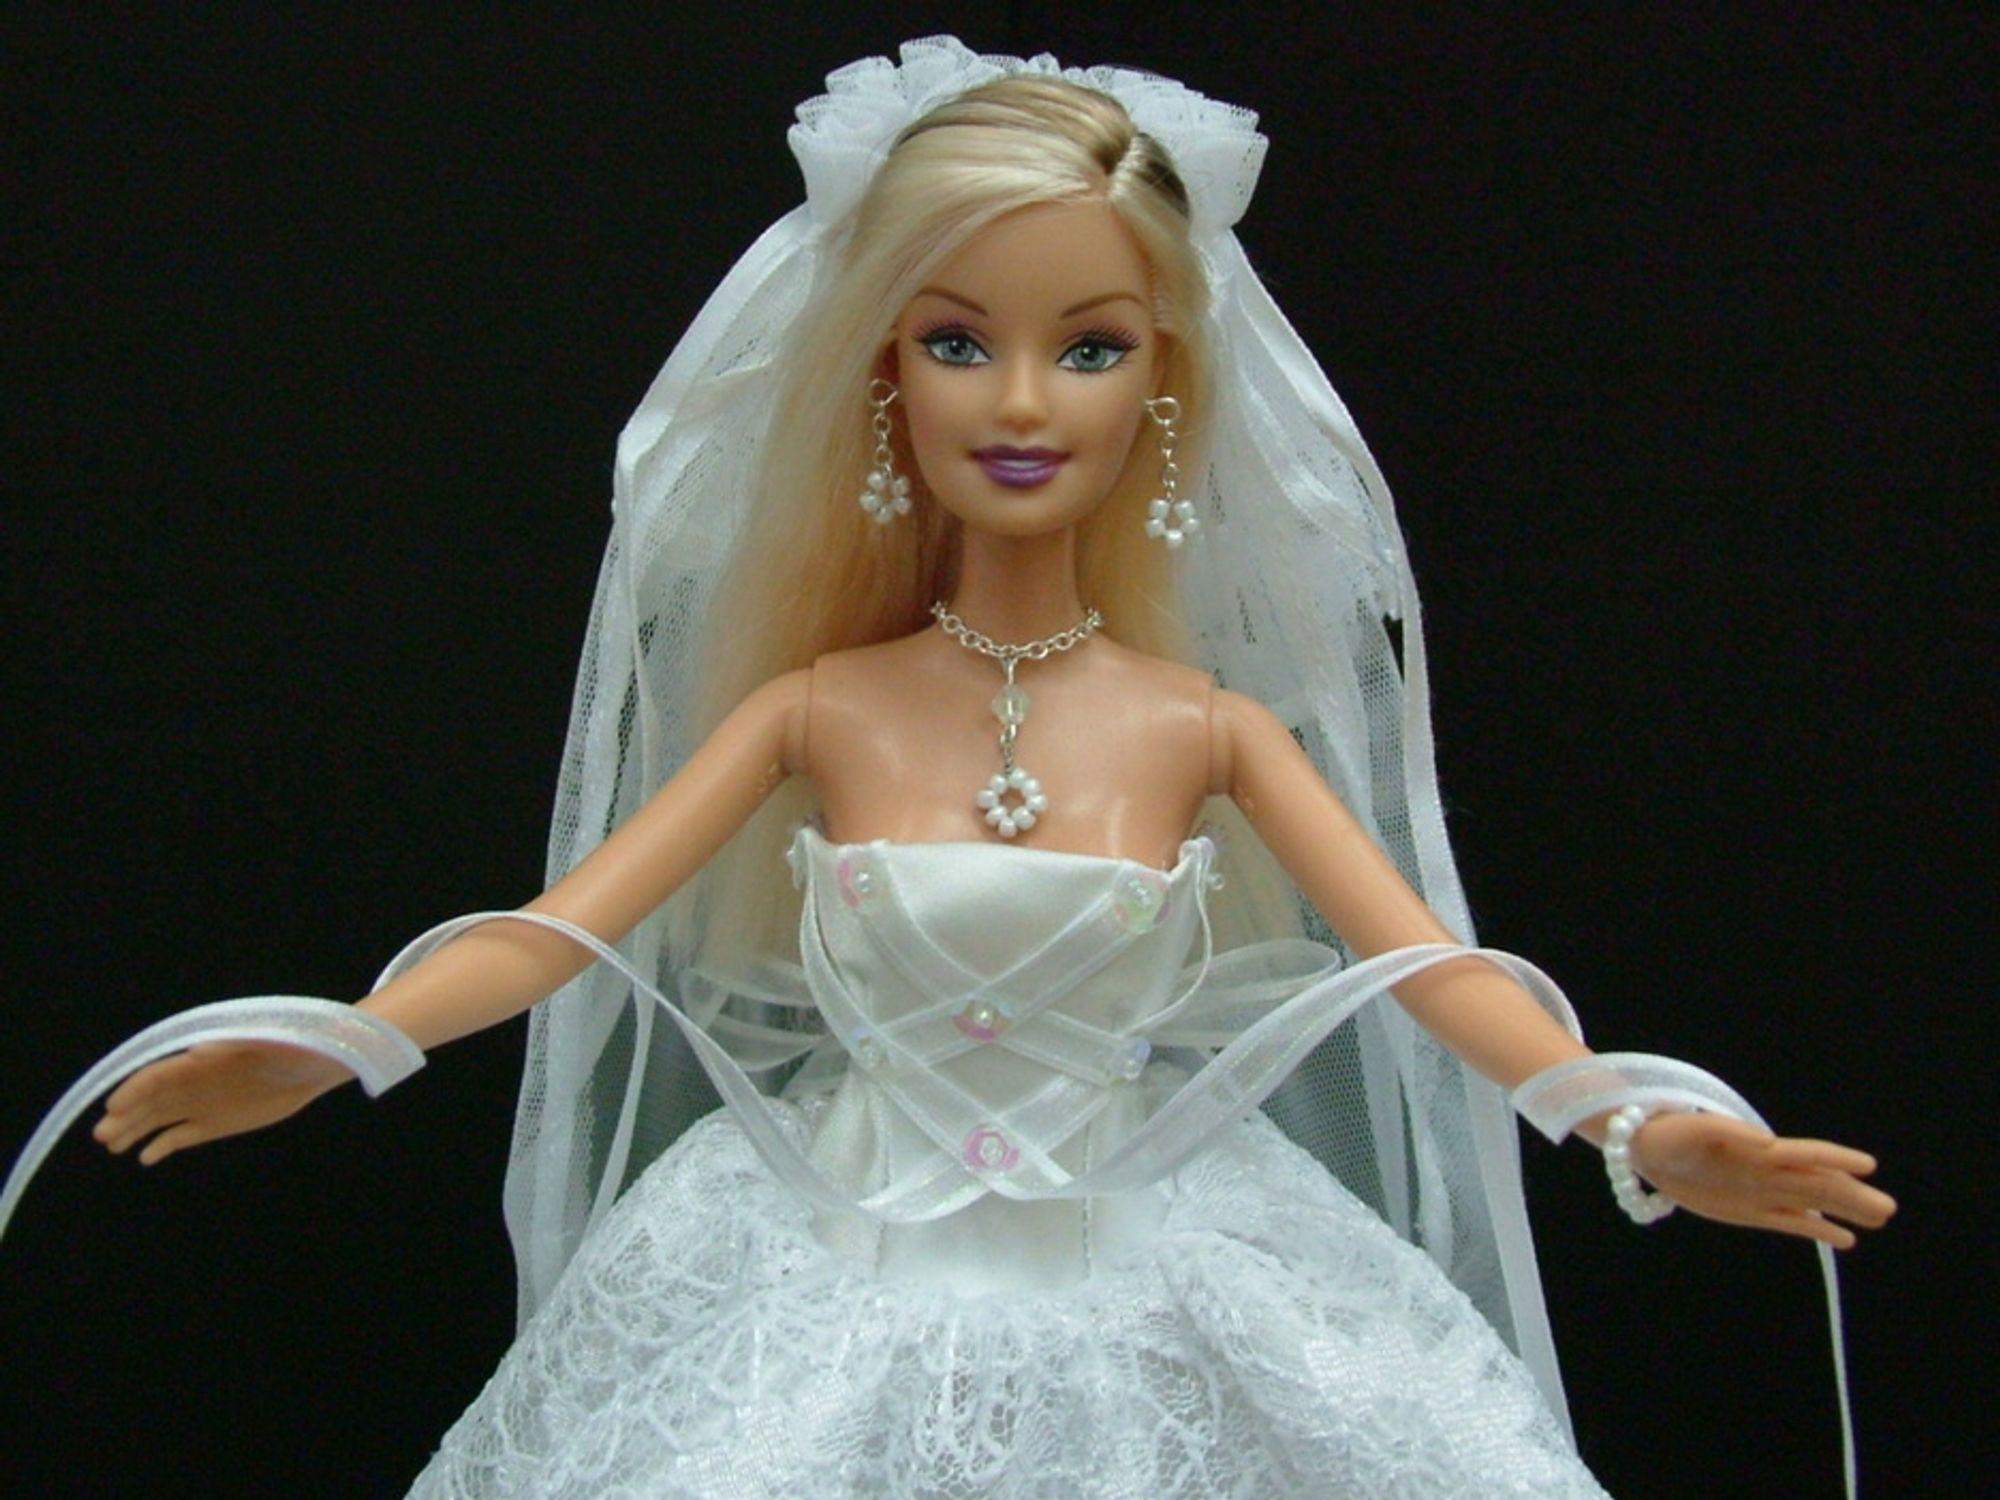 Ftalater brukes ofte til mykgjøring av dukker, og da spesielt dukkenes ansikter.